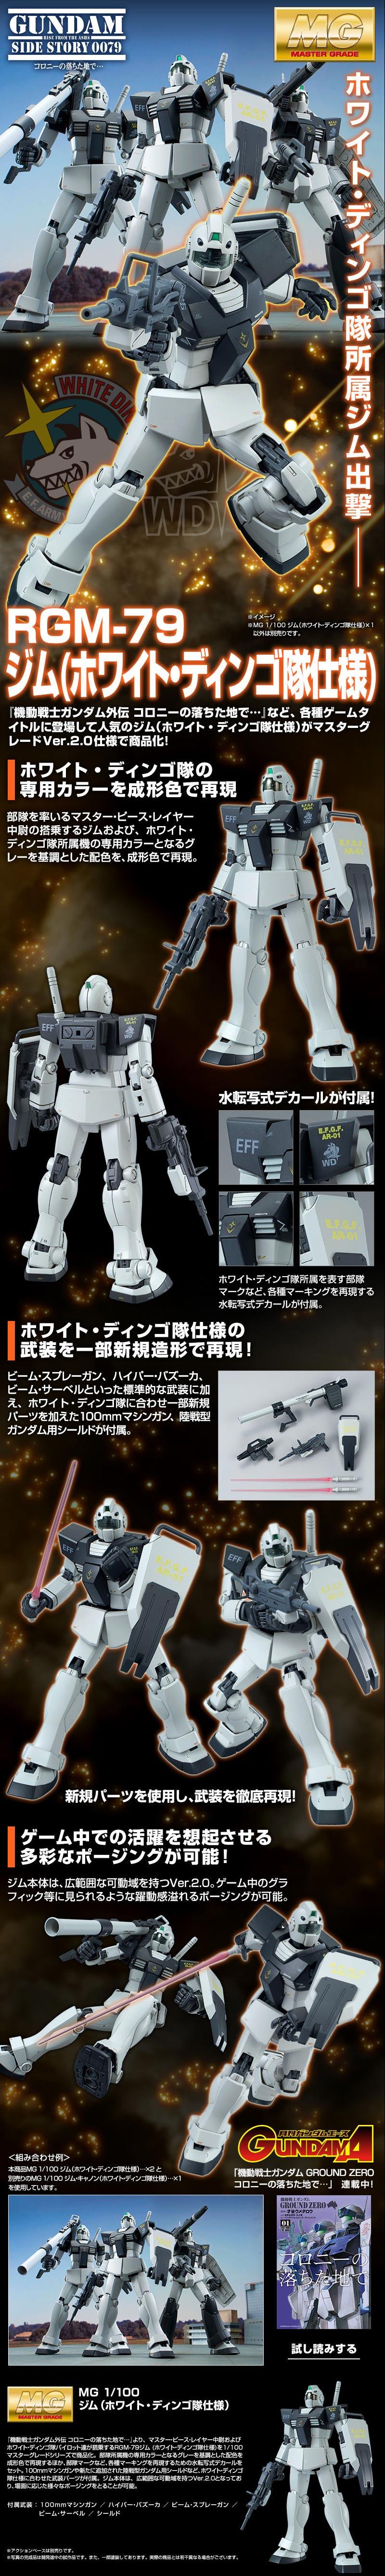 MG RGM-79 GM Ver 2.0 White DIngo Custom Details